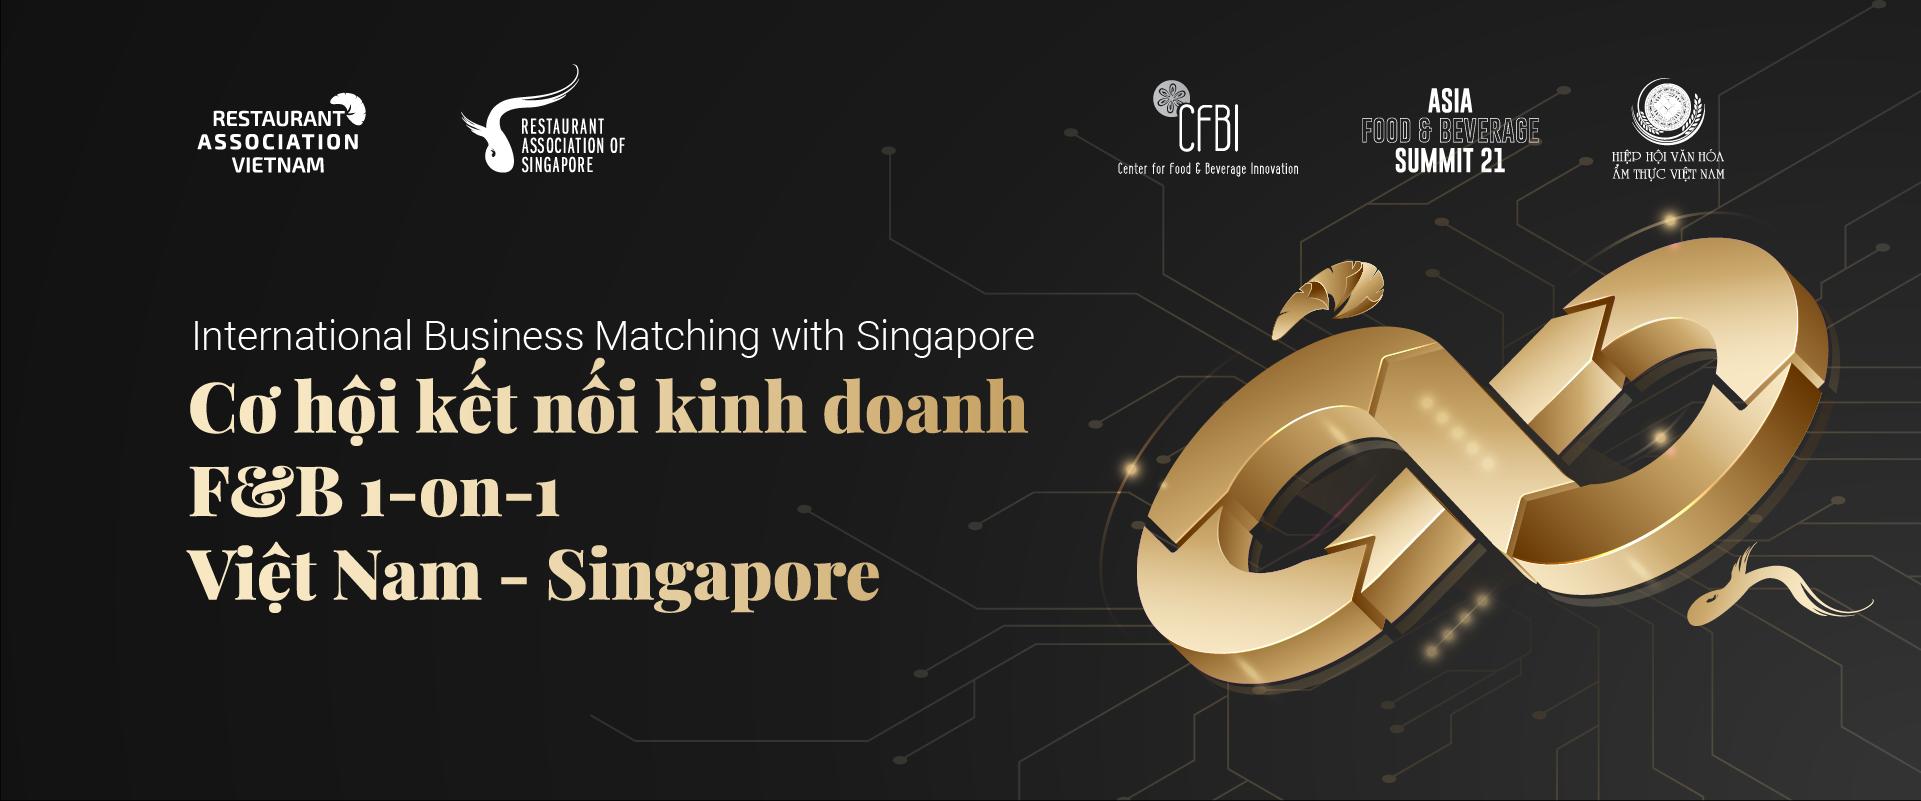 lak's coffee organic coffee cà phê sạch, cà phê nguyên chất Sự kiện kết nối đầu tư và kinh doanh F&B cùng doanh nghiệp Singapore | International Business Matching With Singapore